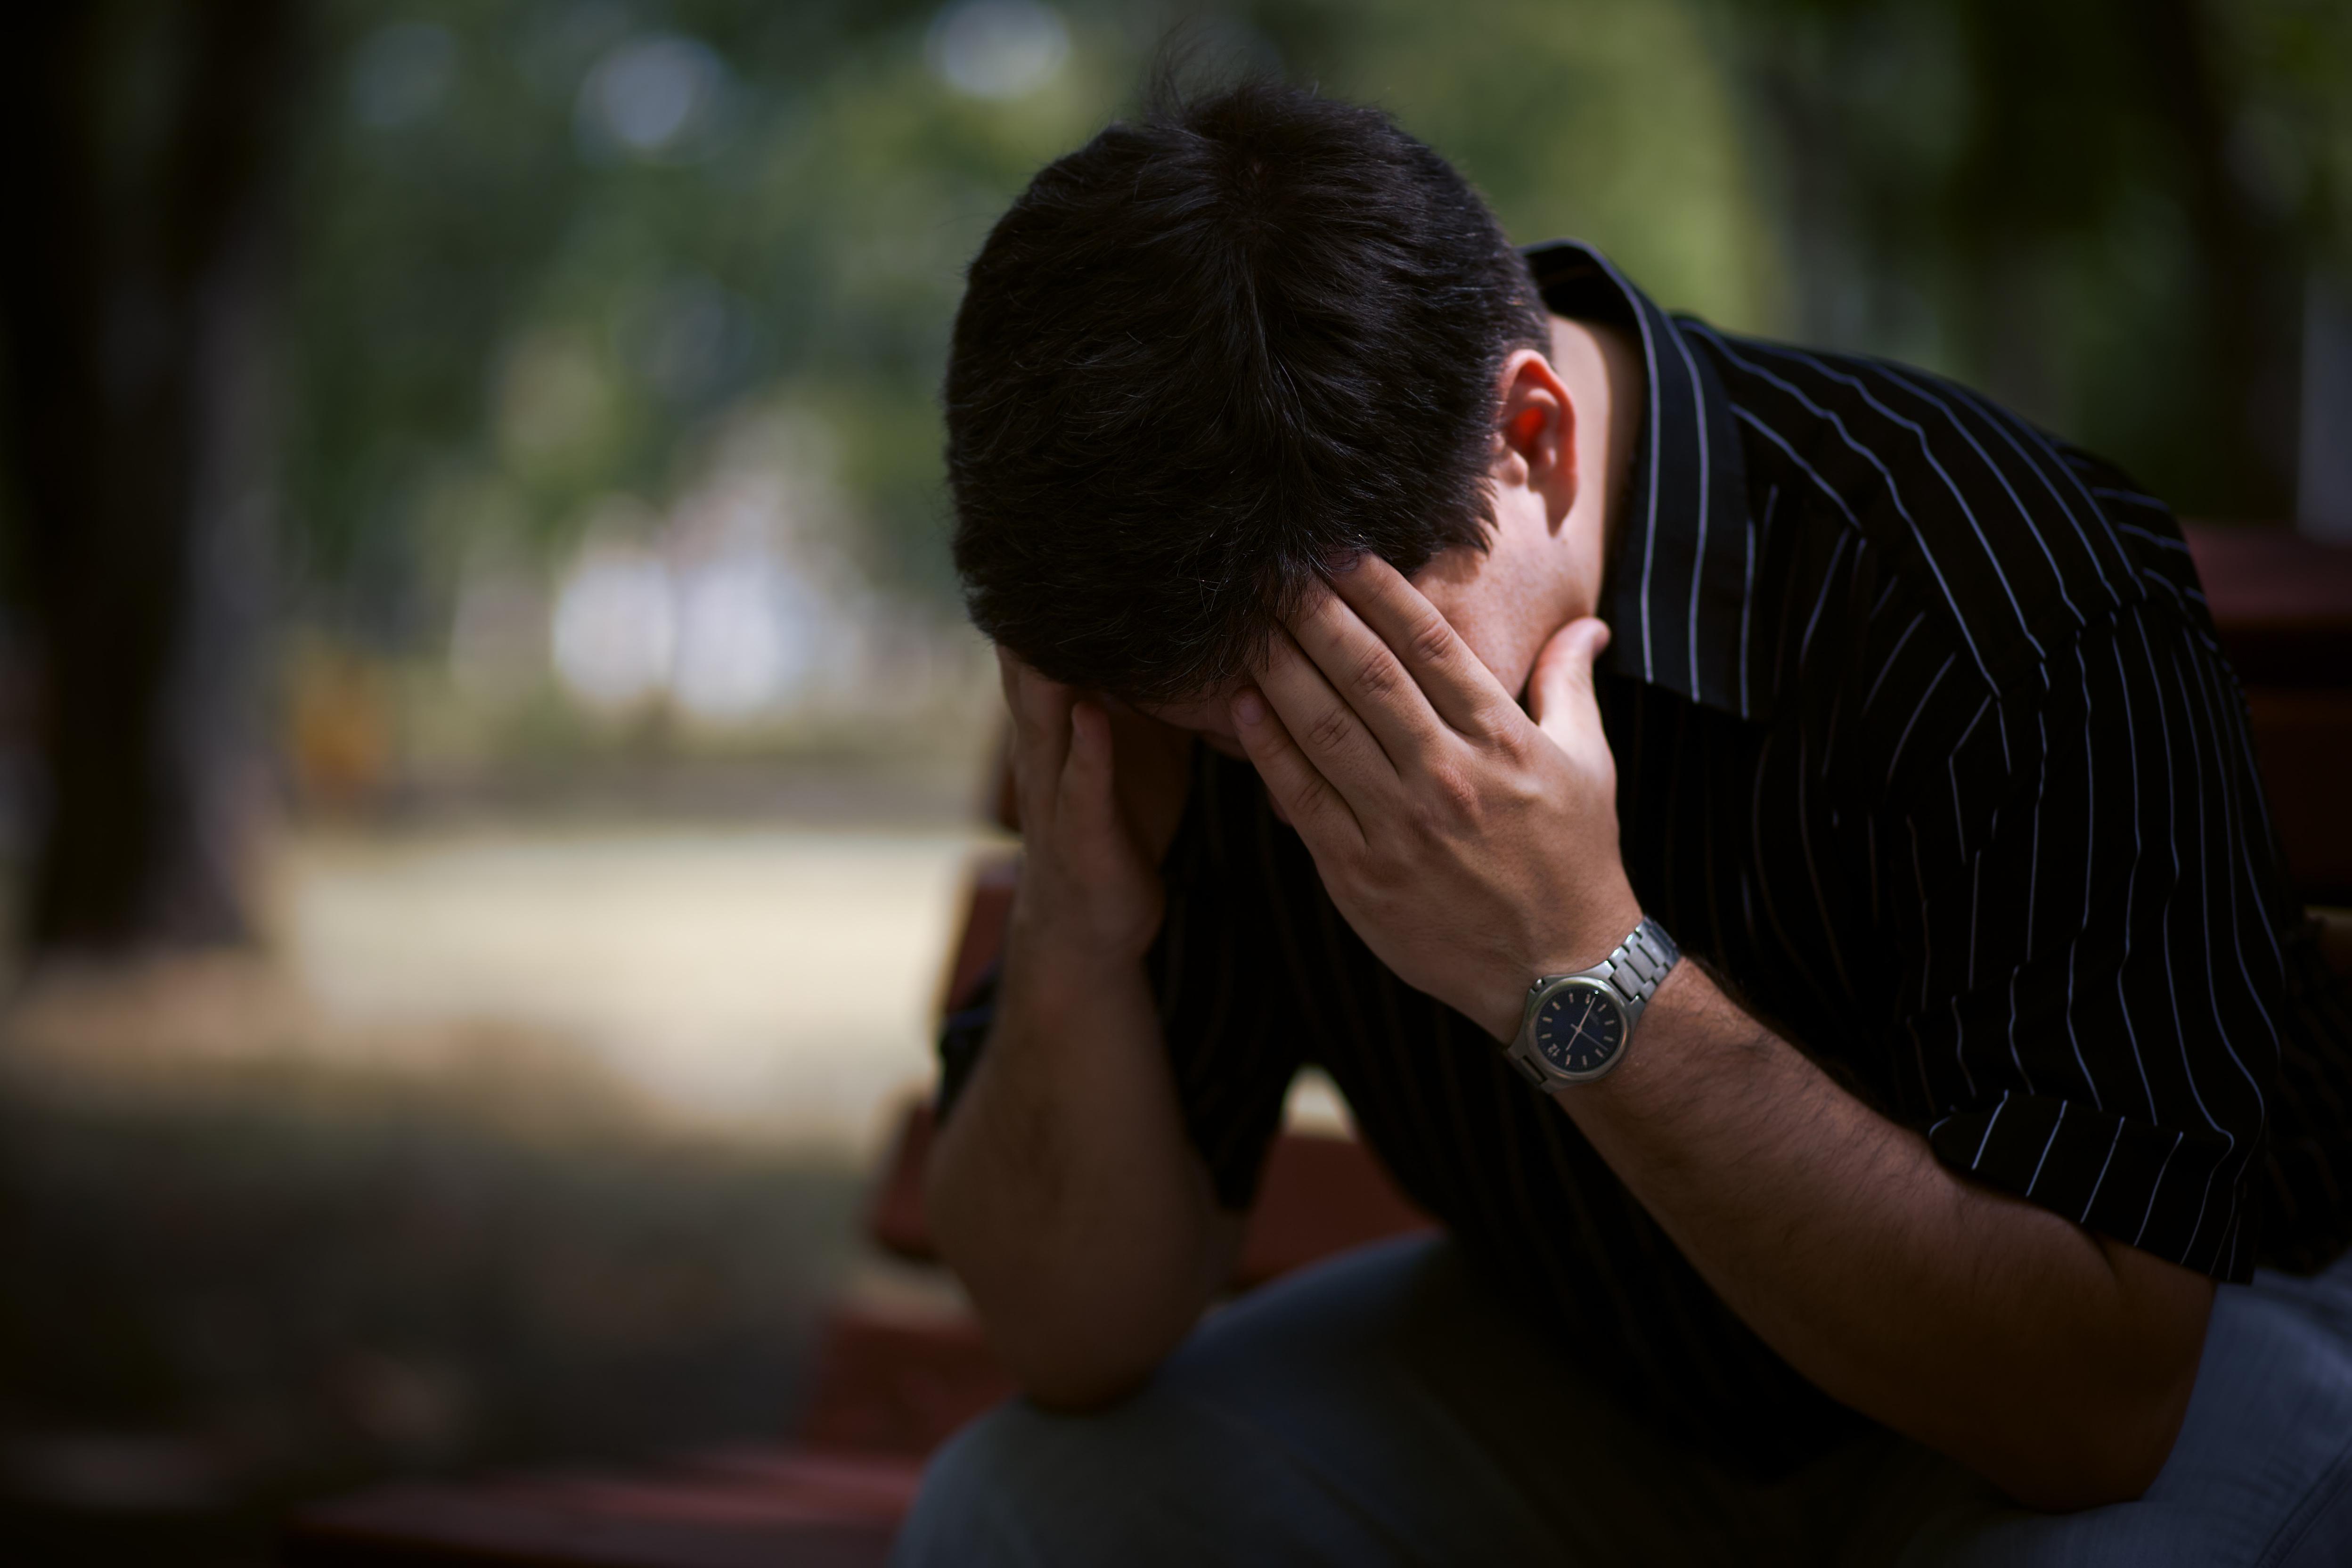 är kan du testa om du är deprimerad med hjälp av HAD-skalan - ett seriöst test som är väl validerat.